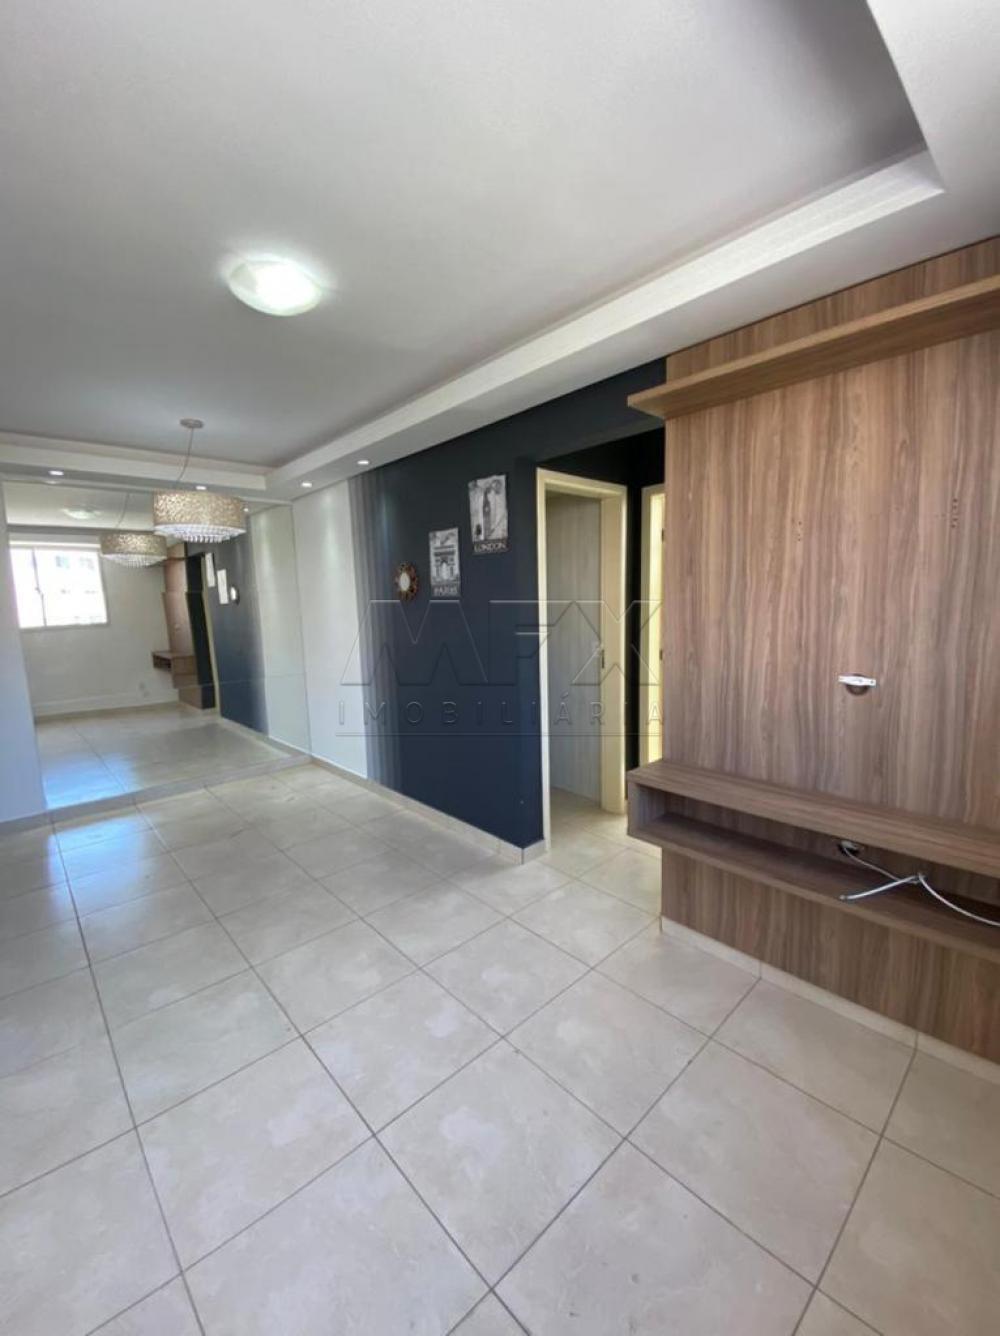 Alugar Apartamento / Padrão em Bauru R$ 750,00 - Foto 11